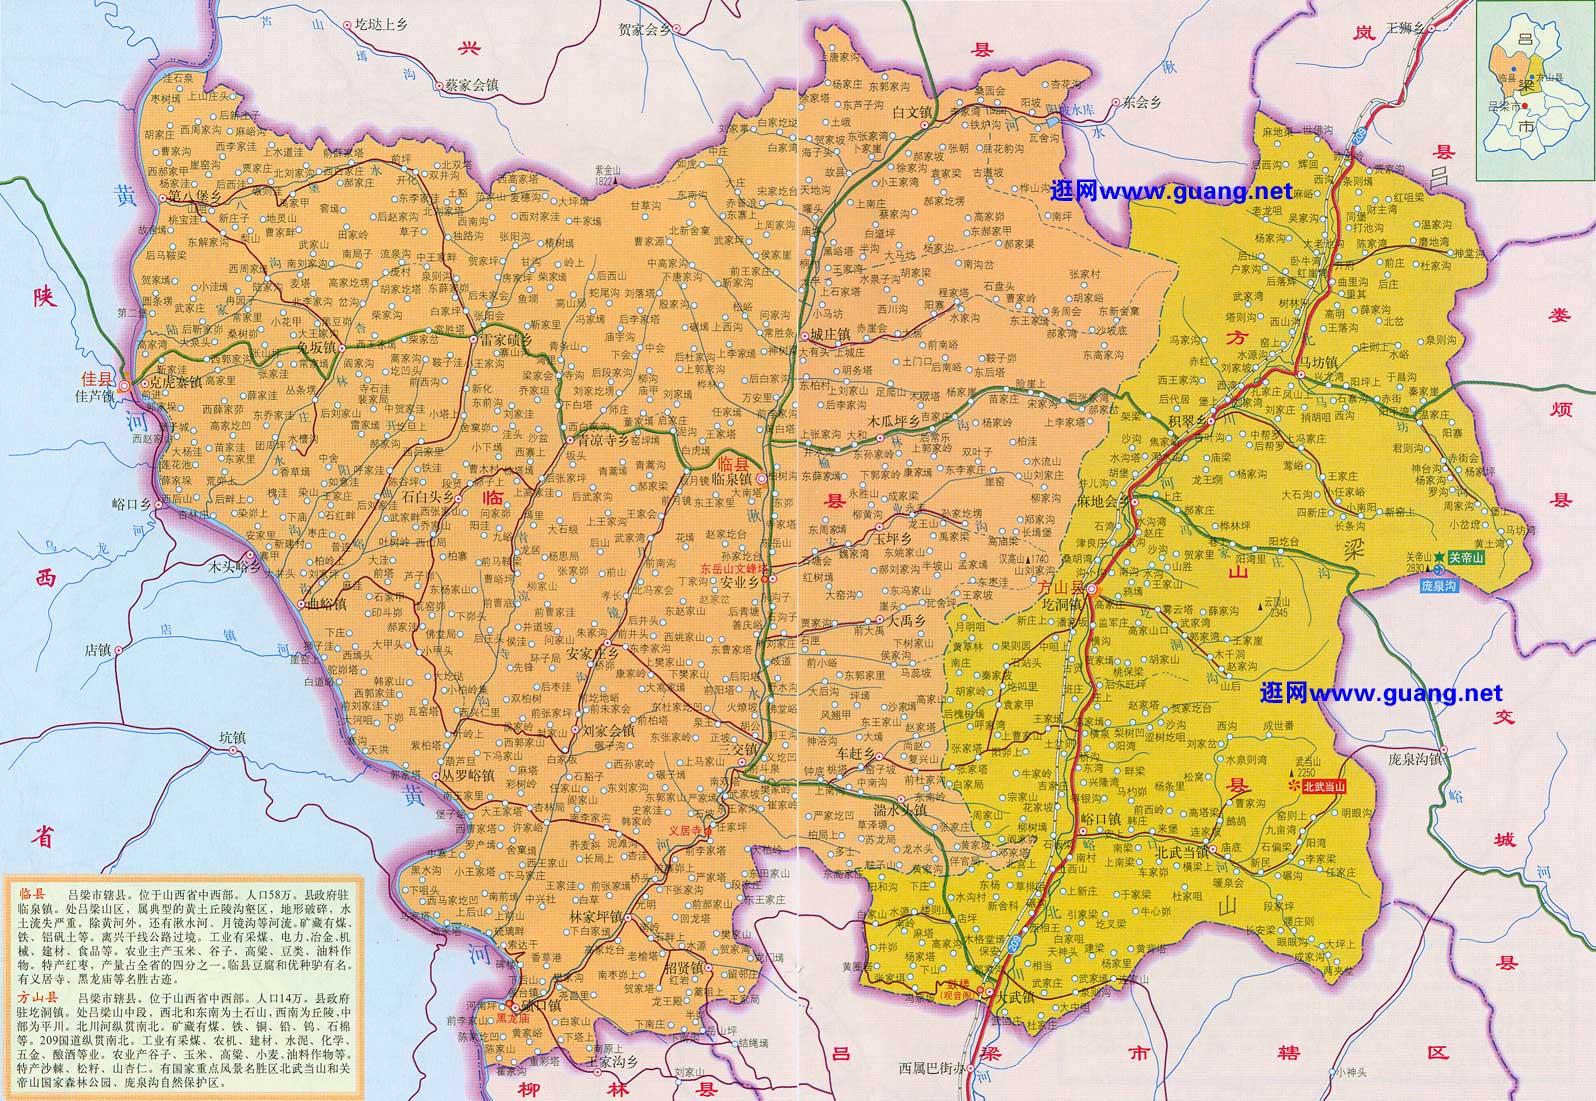 最新陇南市地图查询 - 陇南交通地图全图 - 甘肃陇南地图下载